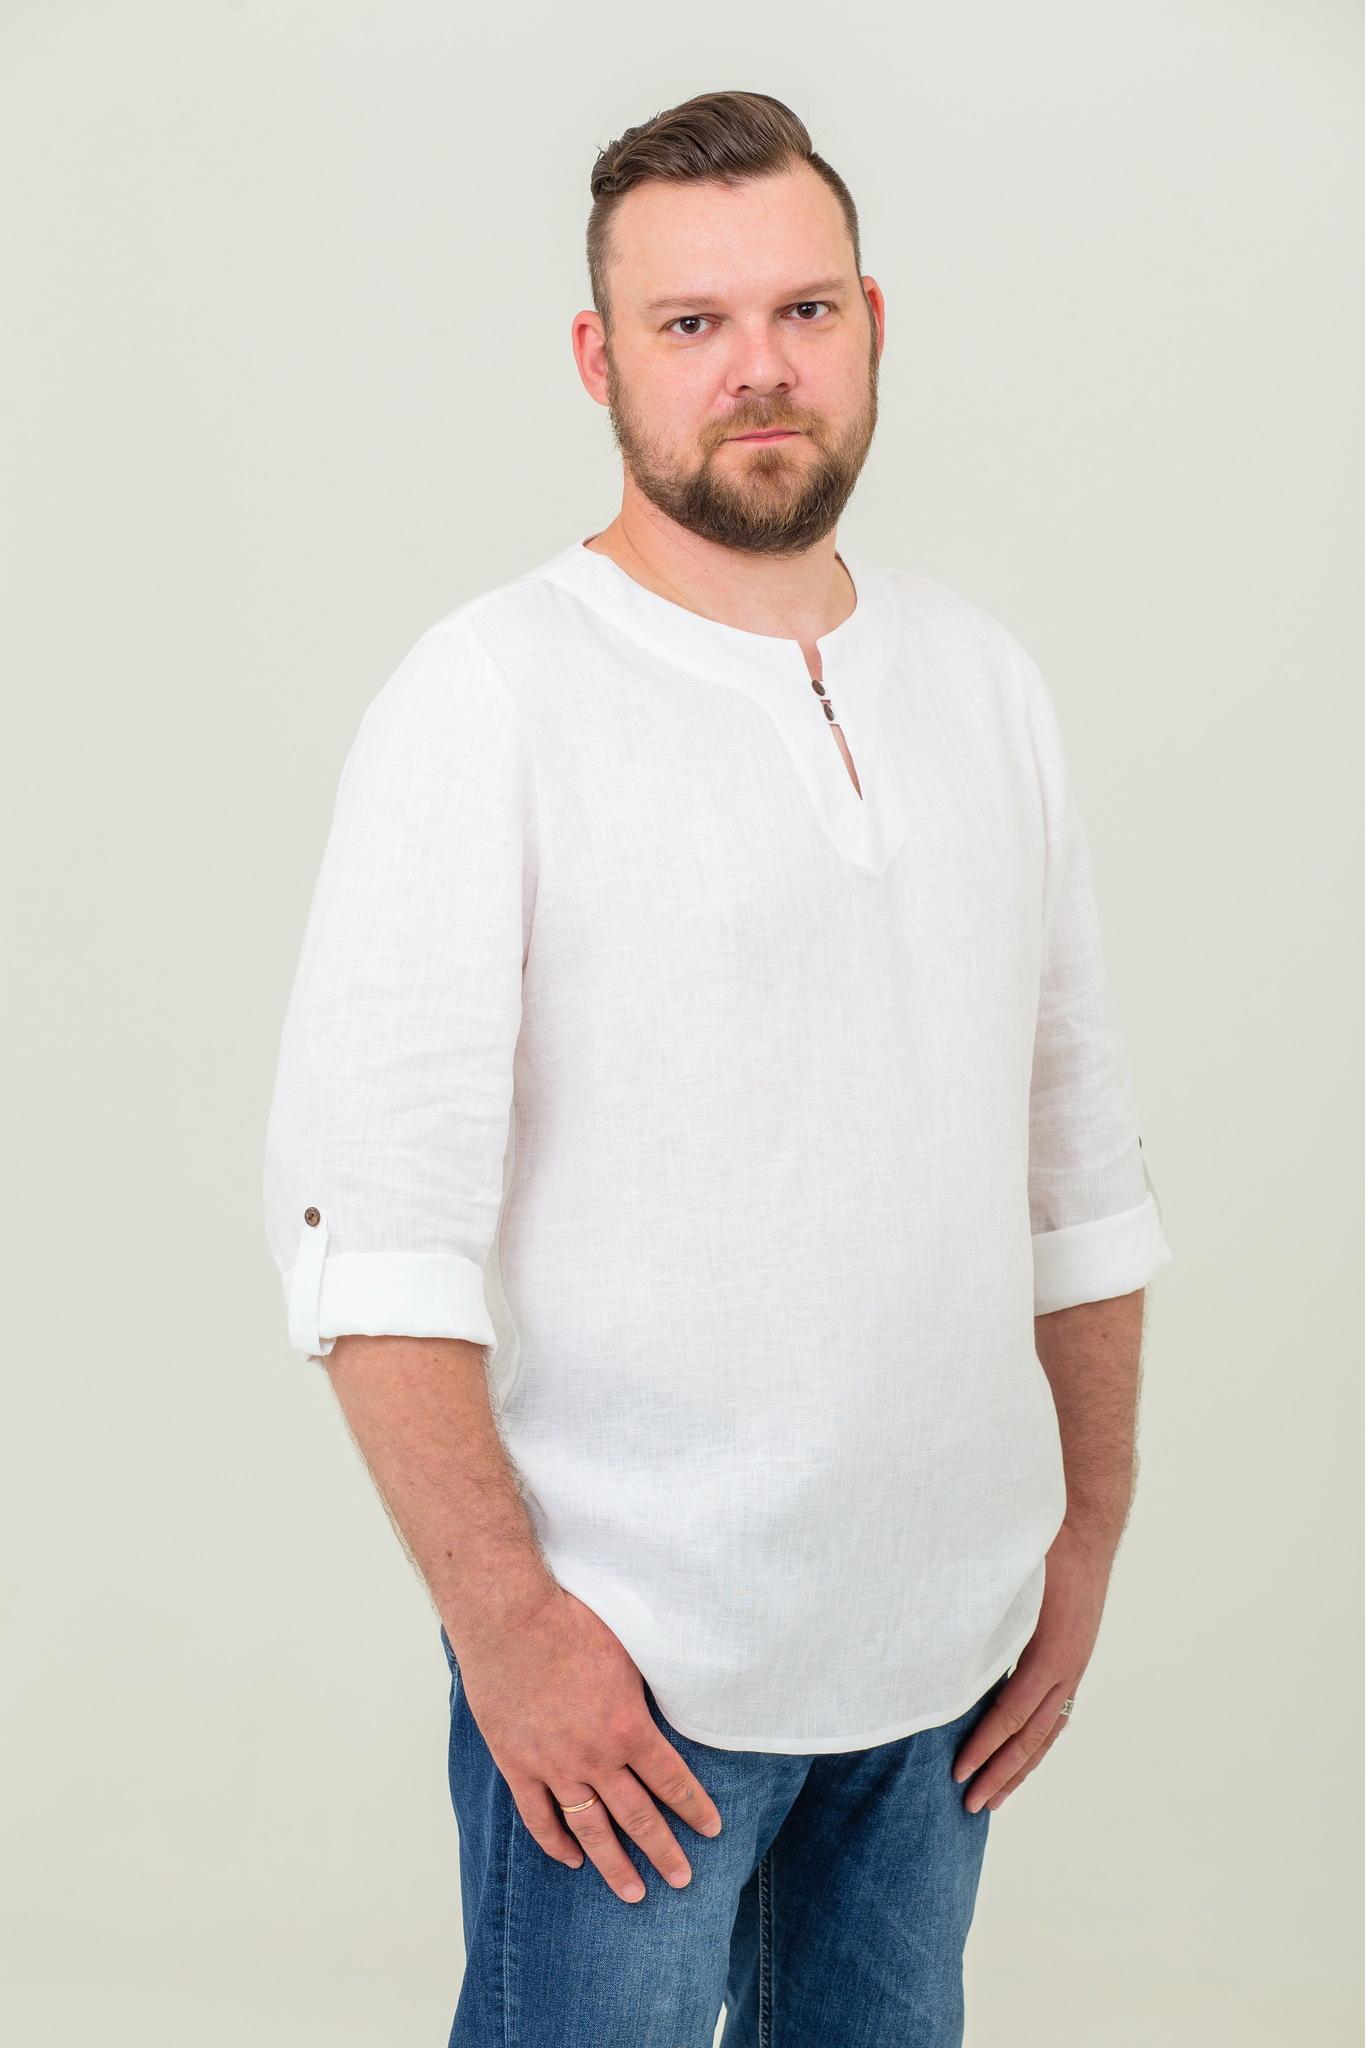 Рубашка мужская современная в русском стиле Свежий ветер